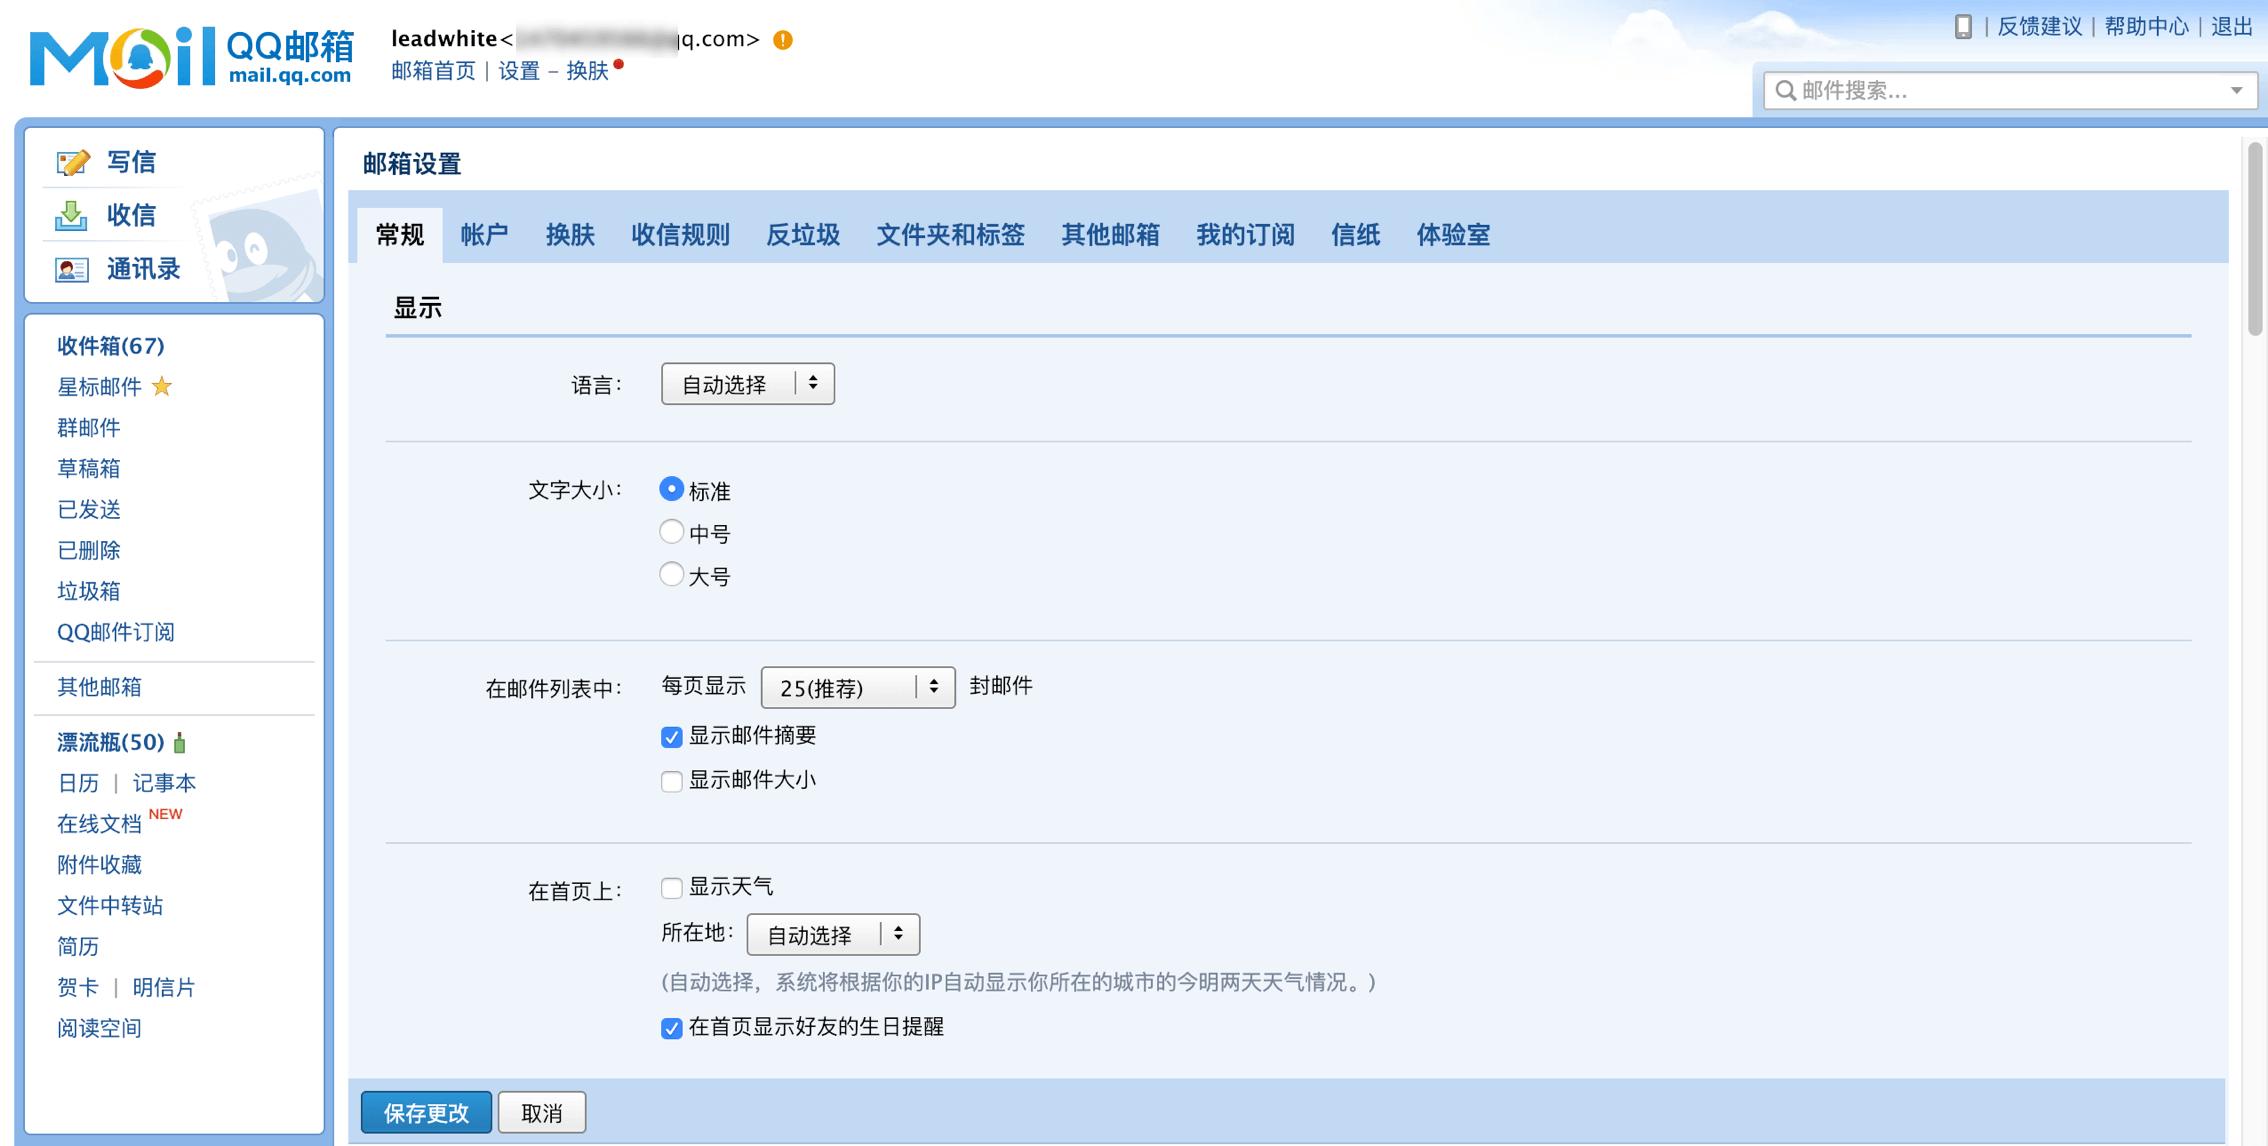 QQ邮箱的设置